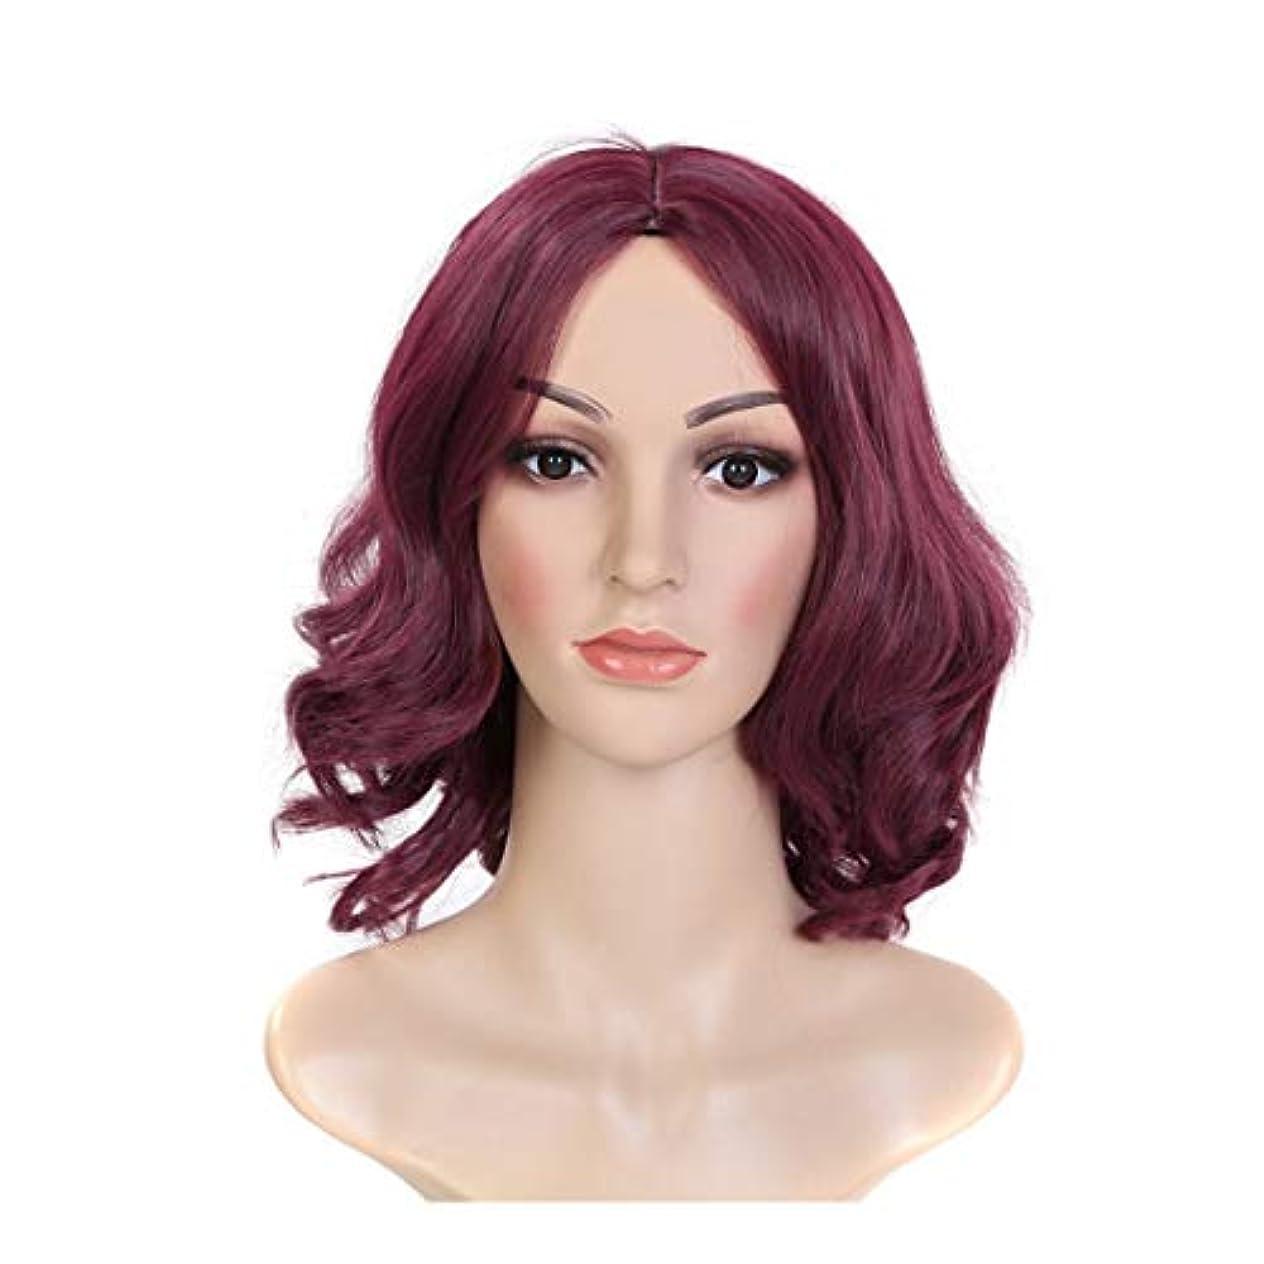 変換思い出すベットYOUQIU 女性のかつらのためのワインレッド気質スプリットかつらヘッドギア剃った顔短い巻き毛のかつら (色 : Red wine)